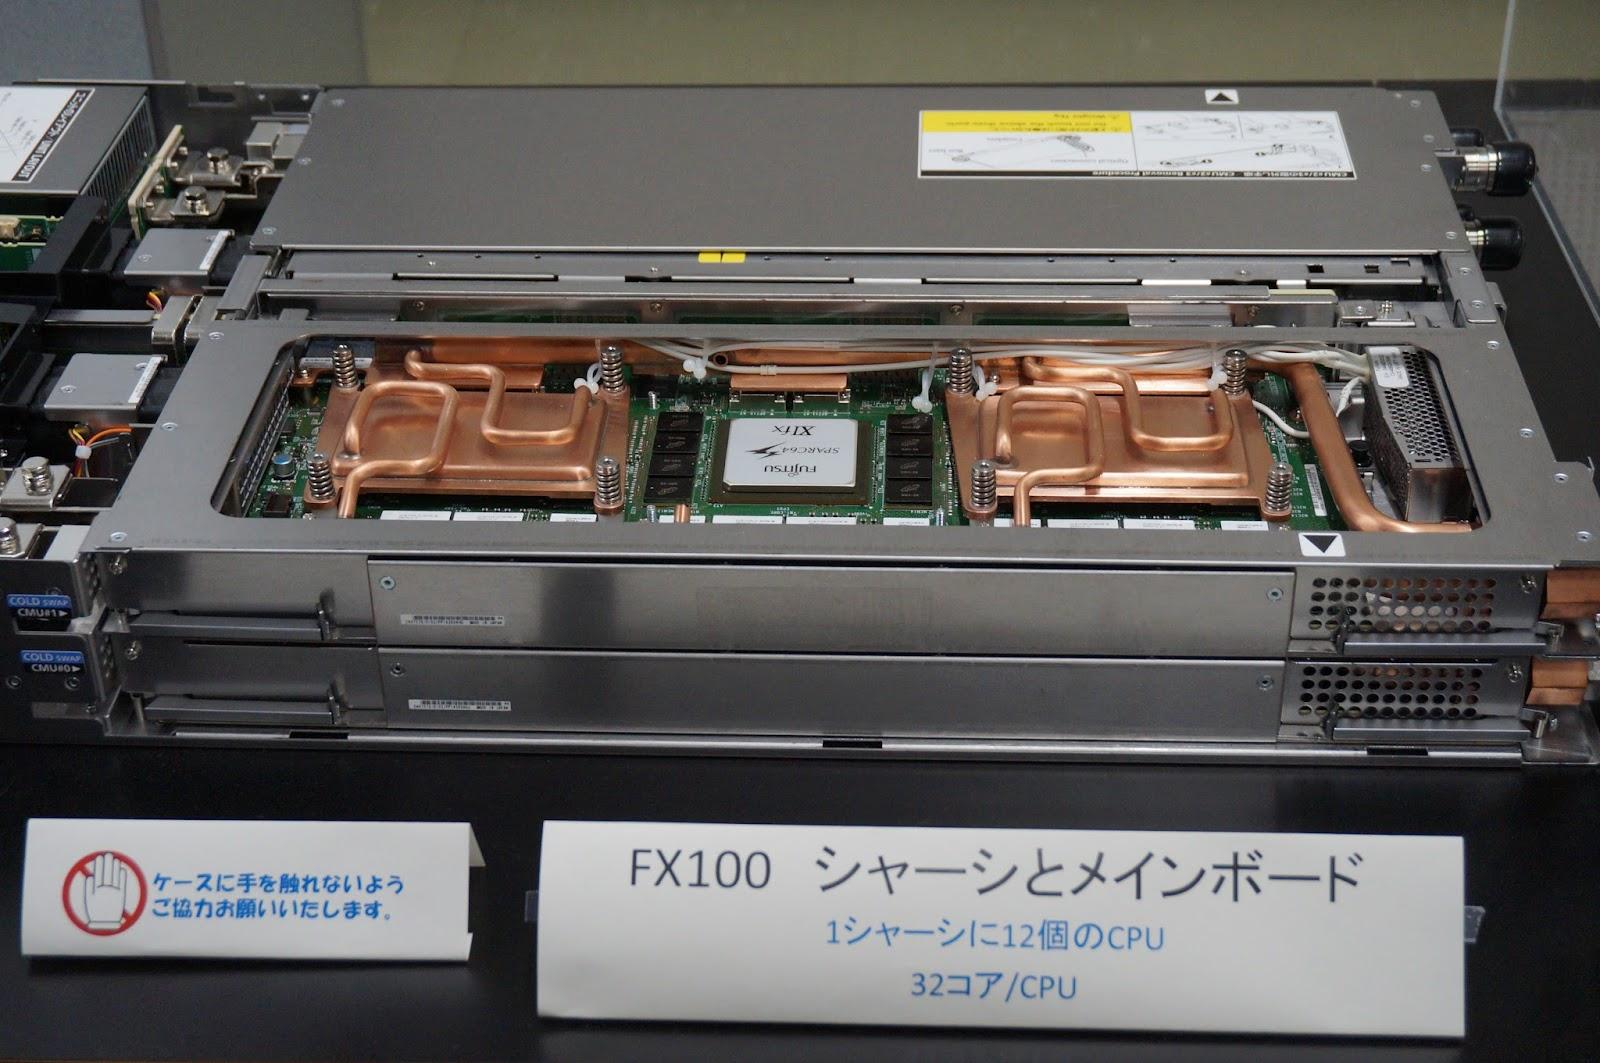 FX100のシャーシとメインボード